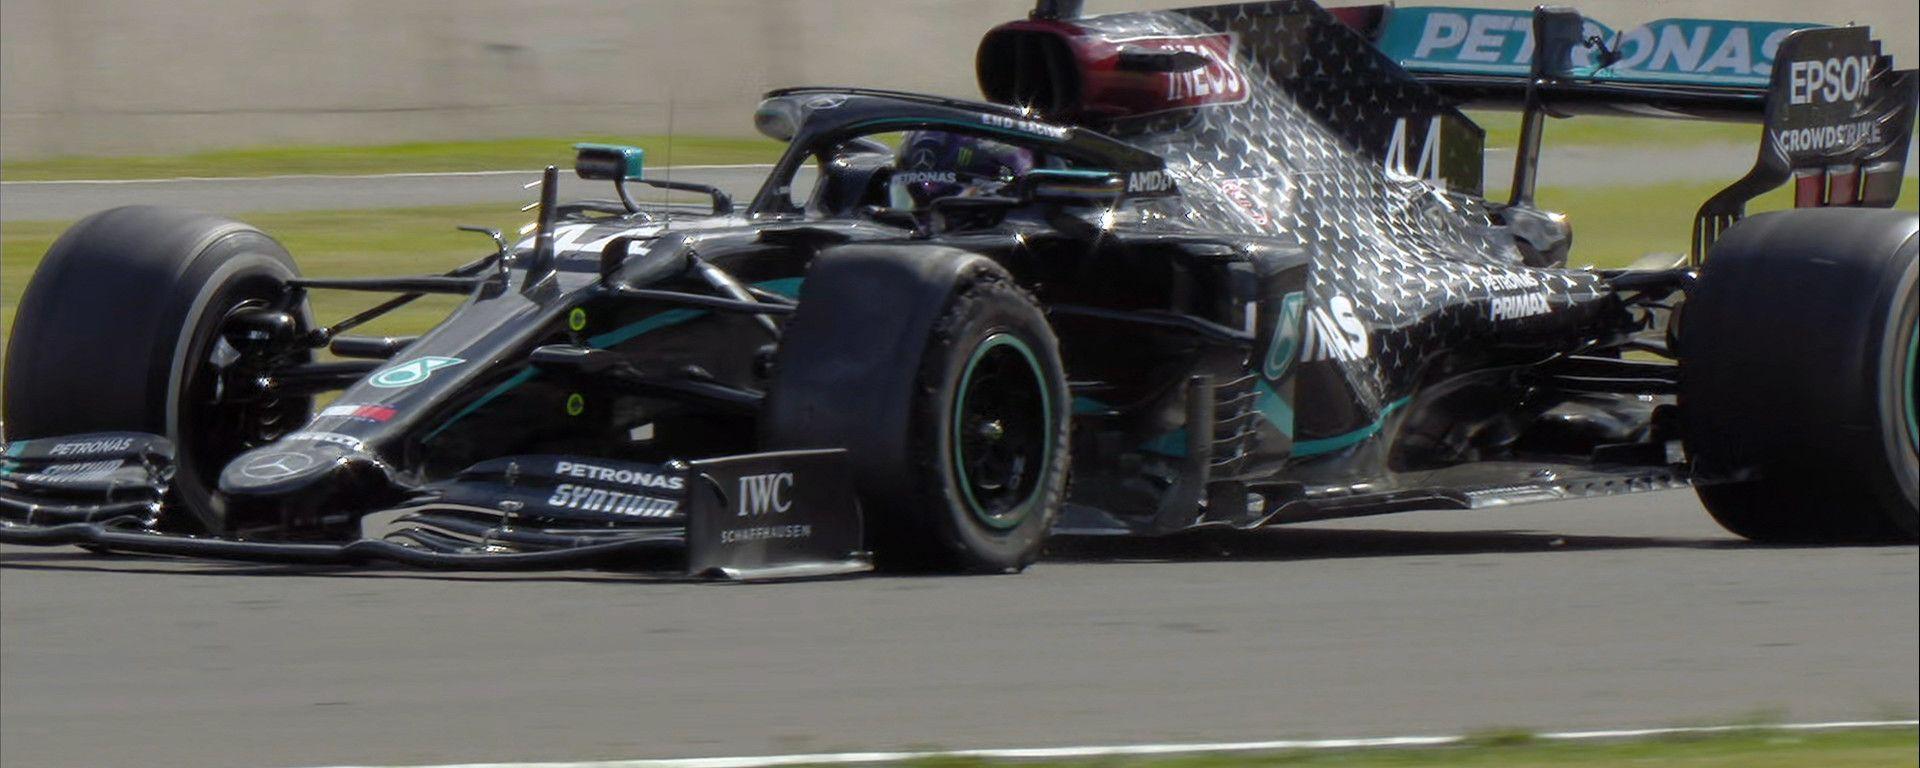 F1 GP Gran Bretagna 2020, Silverstone: Lewis Hamilton (Mercedes) taglia il traguardo con la gomma bucata